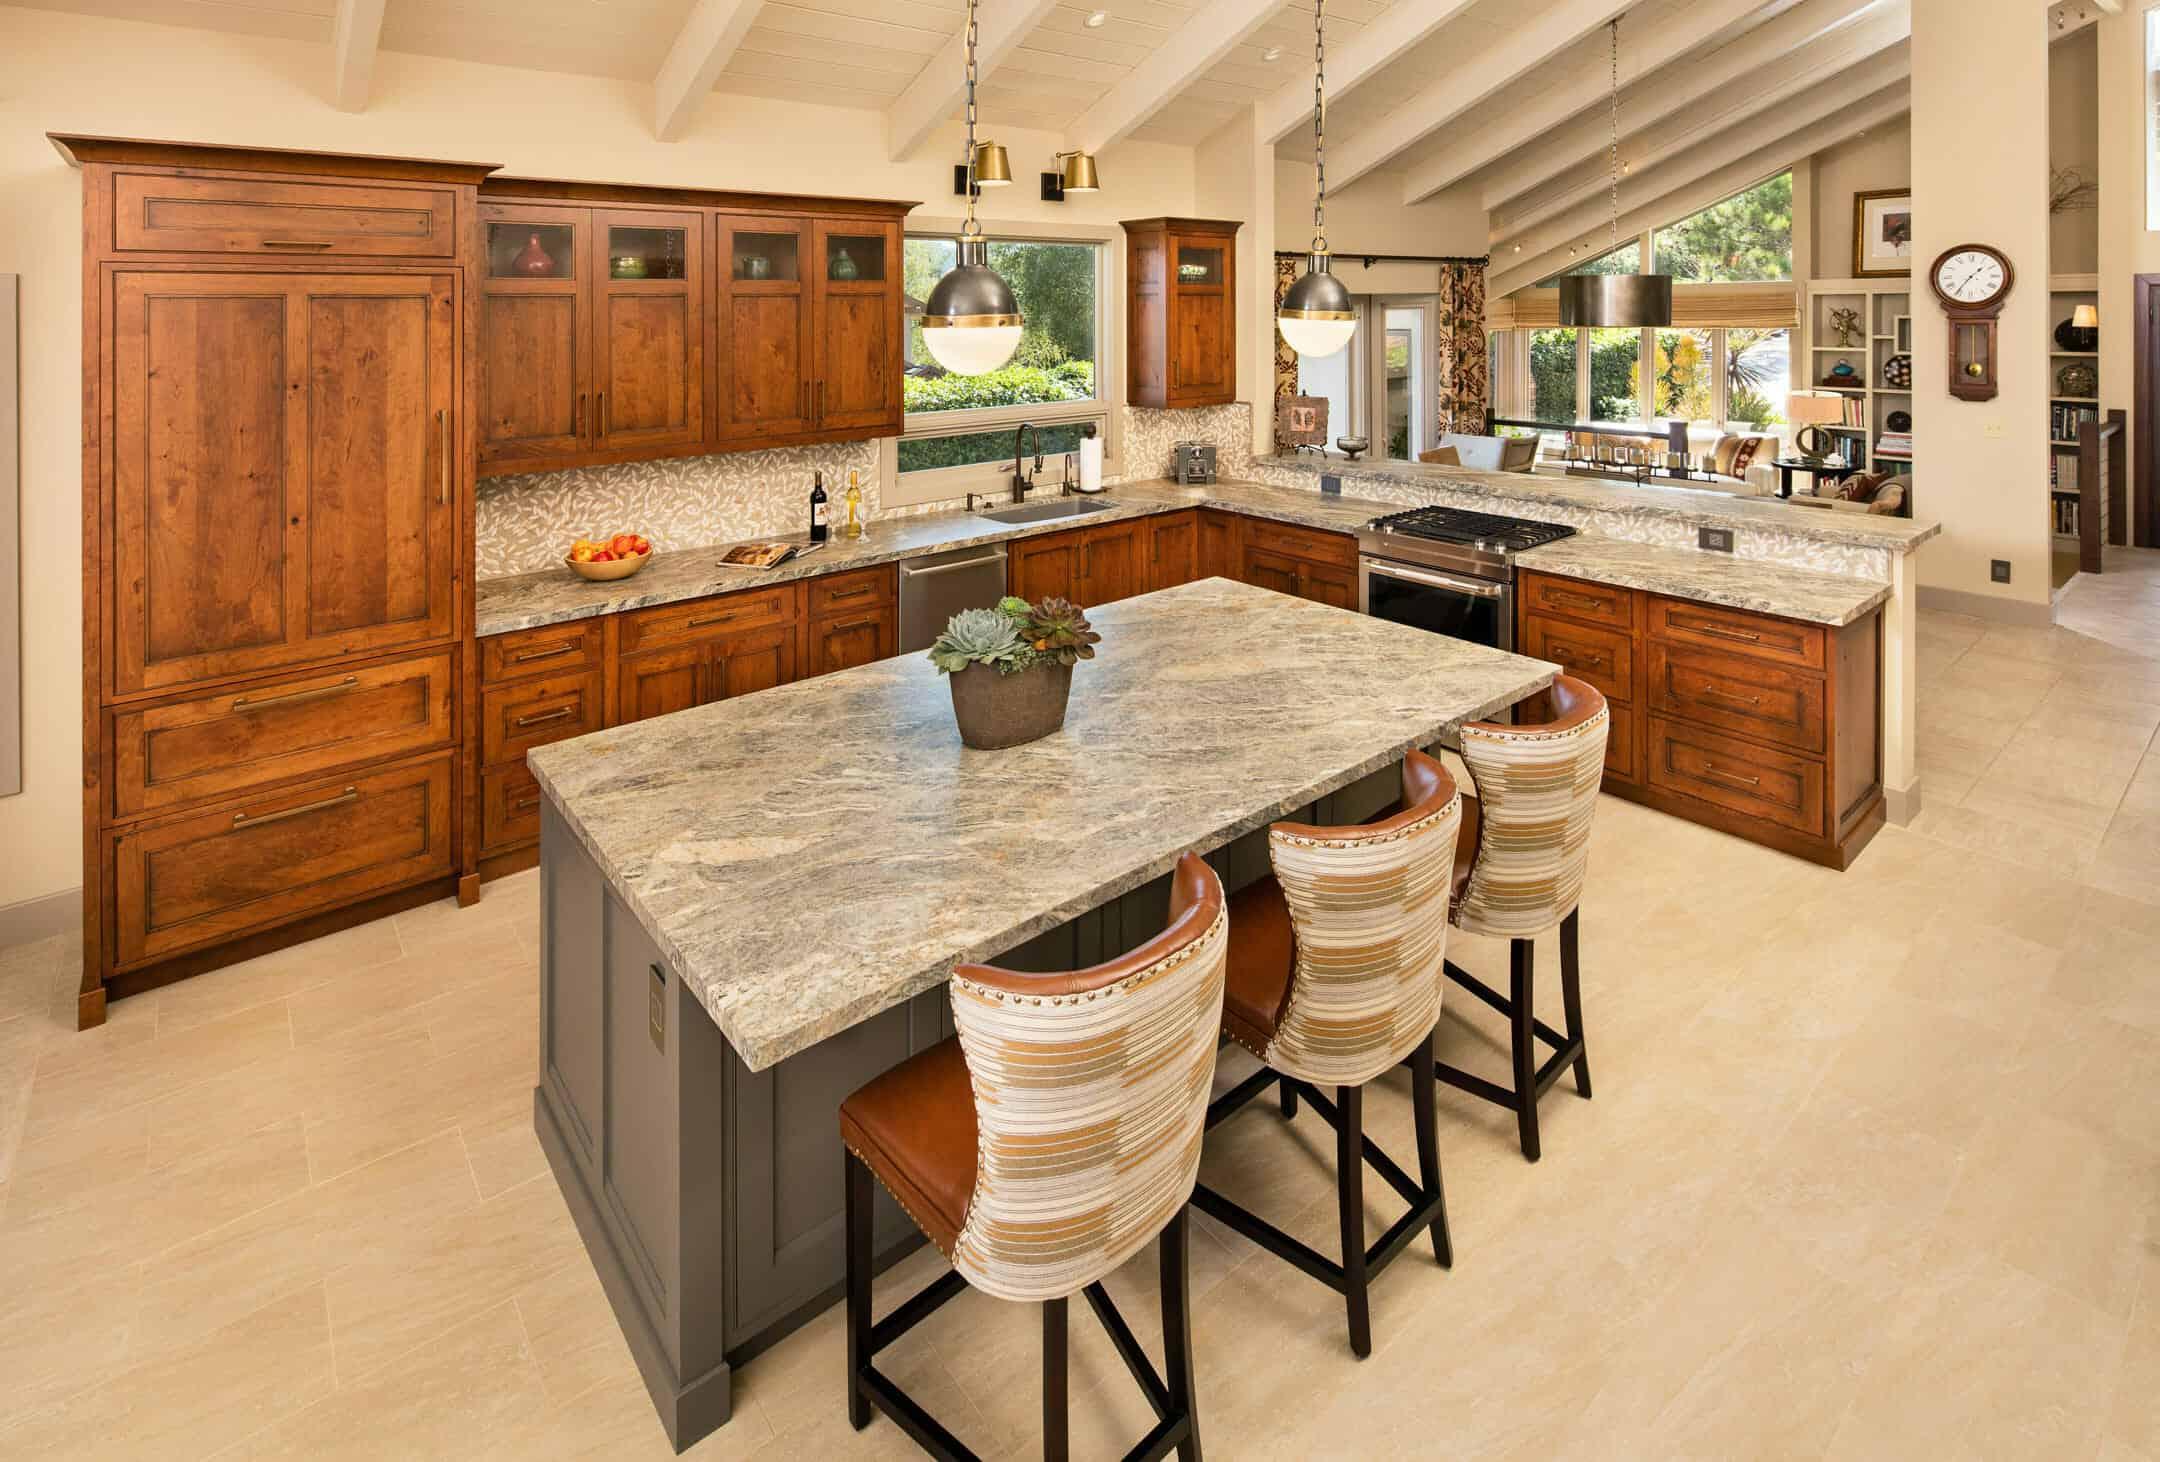 My home kitchen design in San Luis Obispo